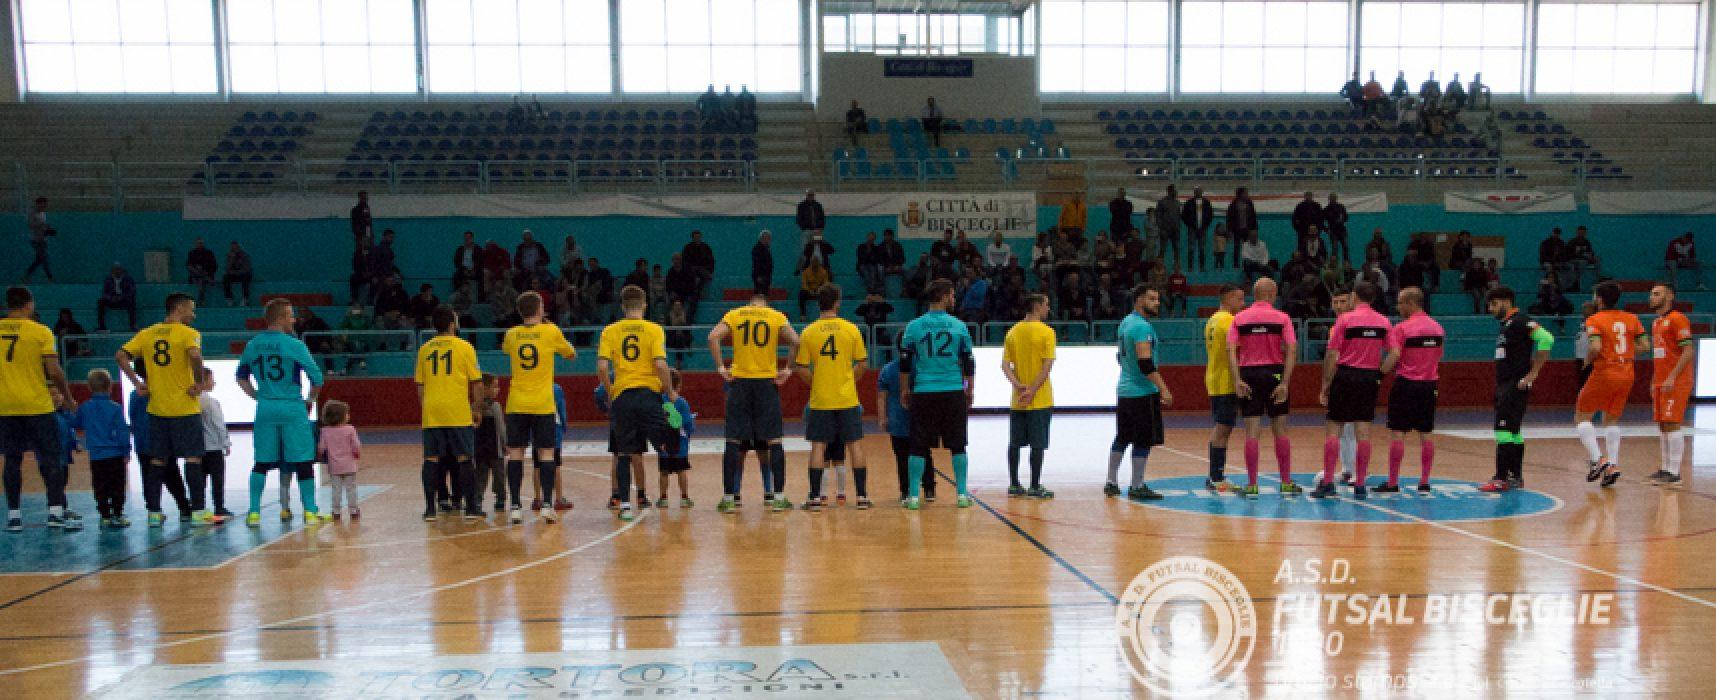 Futsal Bisceglie, esordio amaro contro il Meta